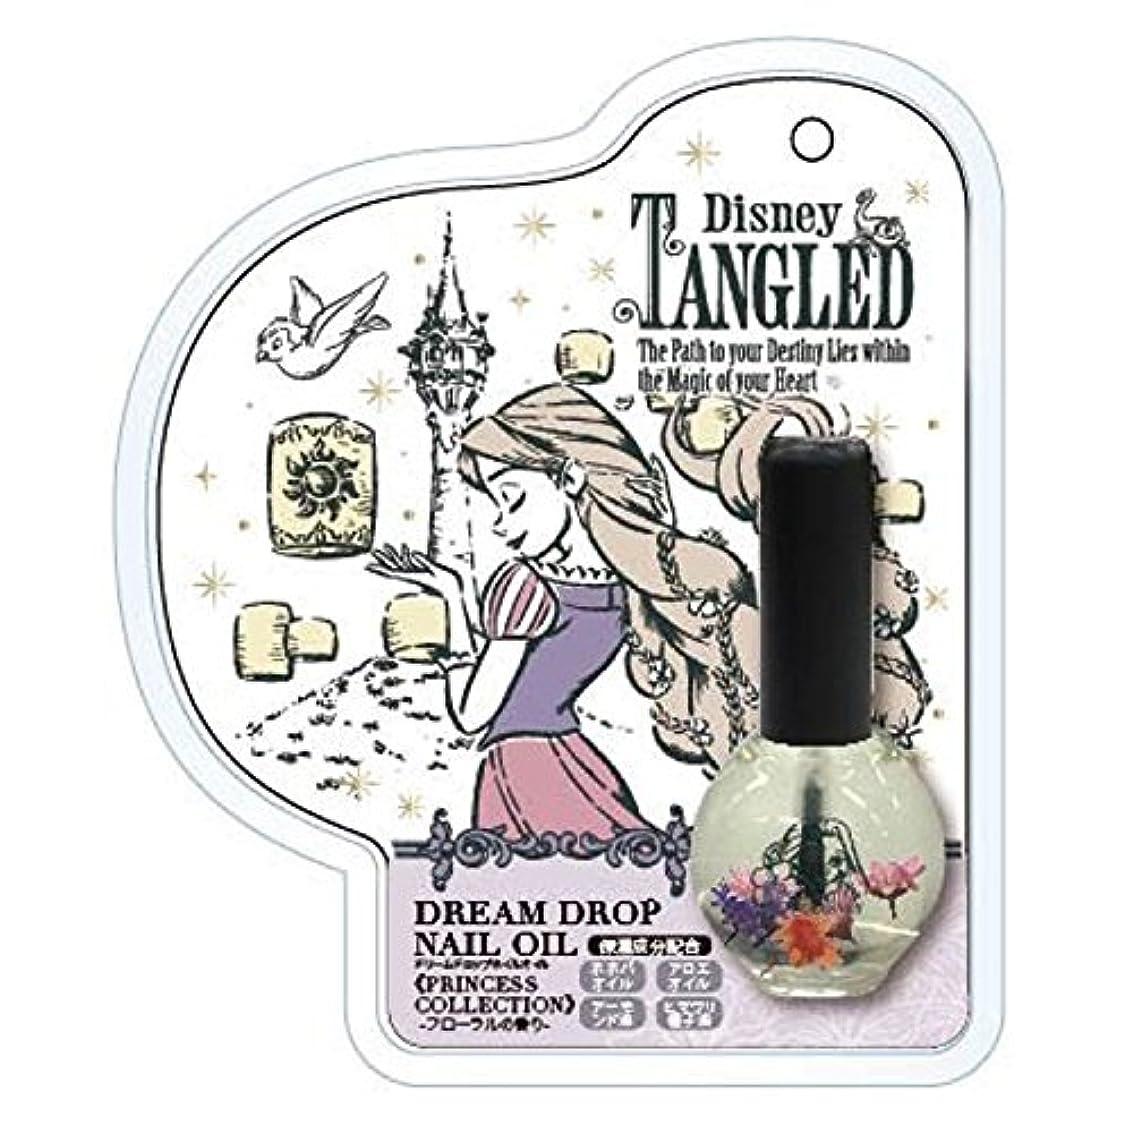 説得運河憎しみSHO-BI(ショービ) ドリームドロップネイルオイル プリンセスコレクション ラプンツェル-フローラルの香り-DN04751